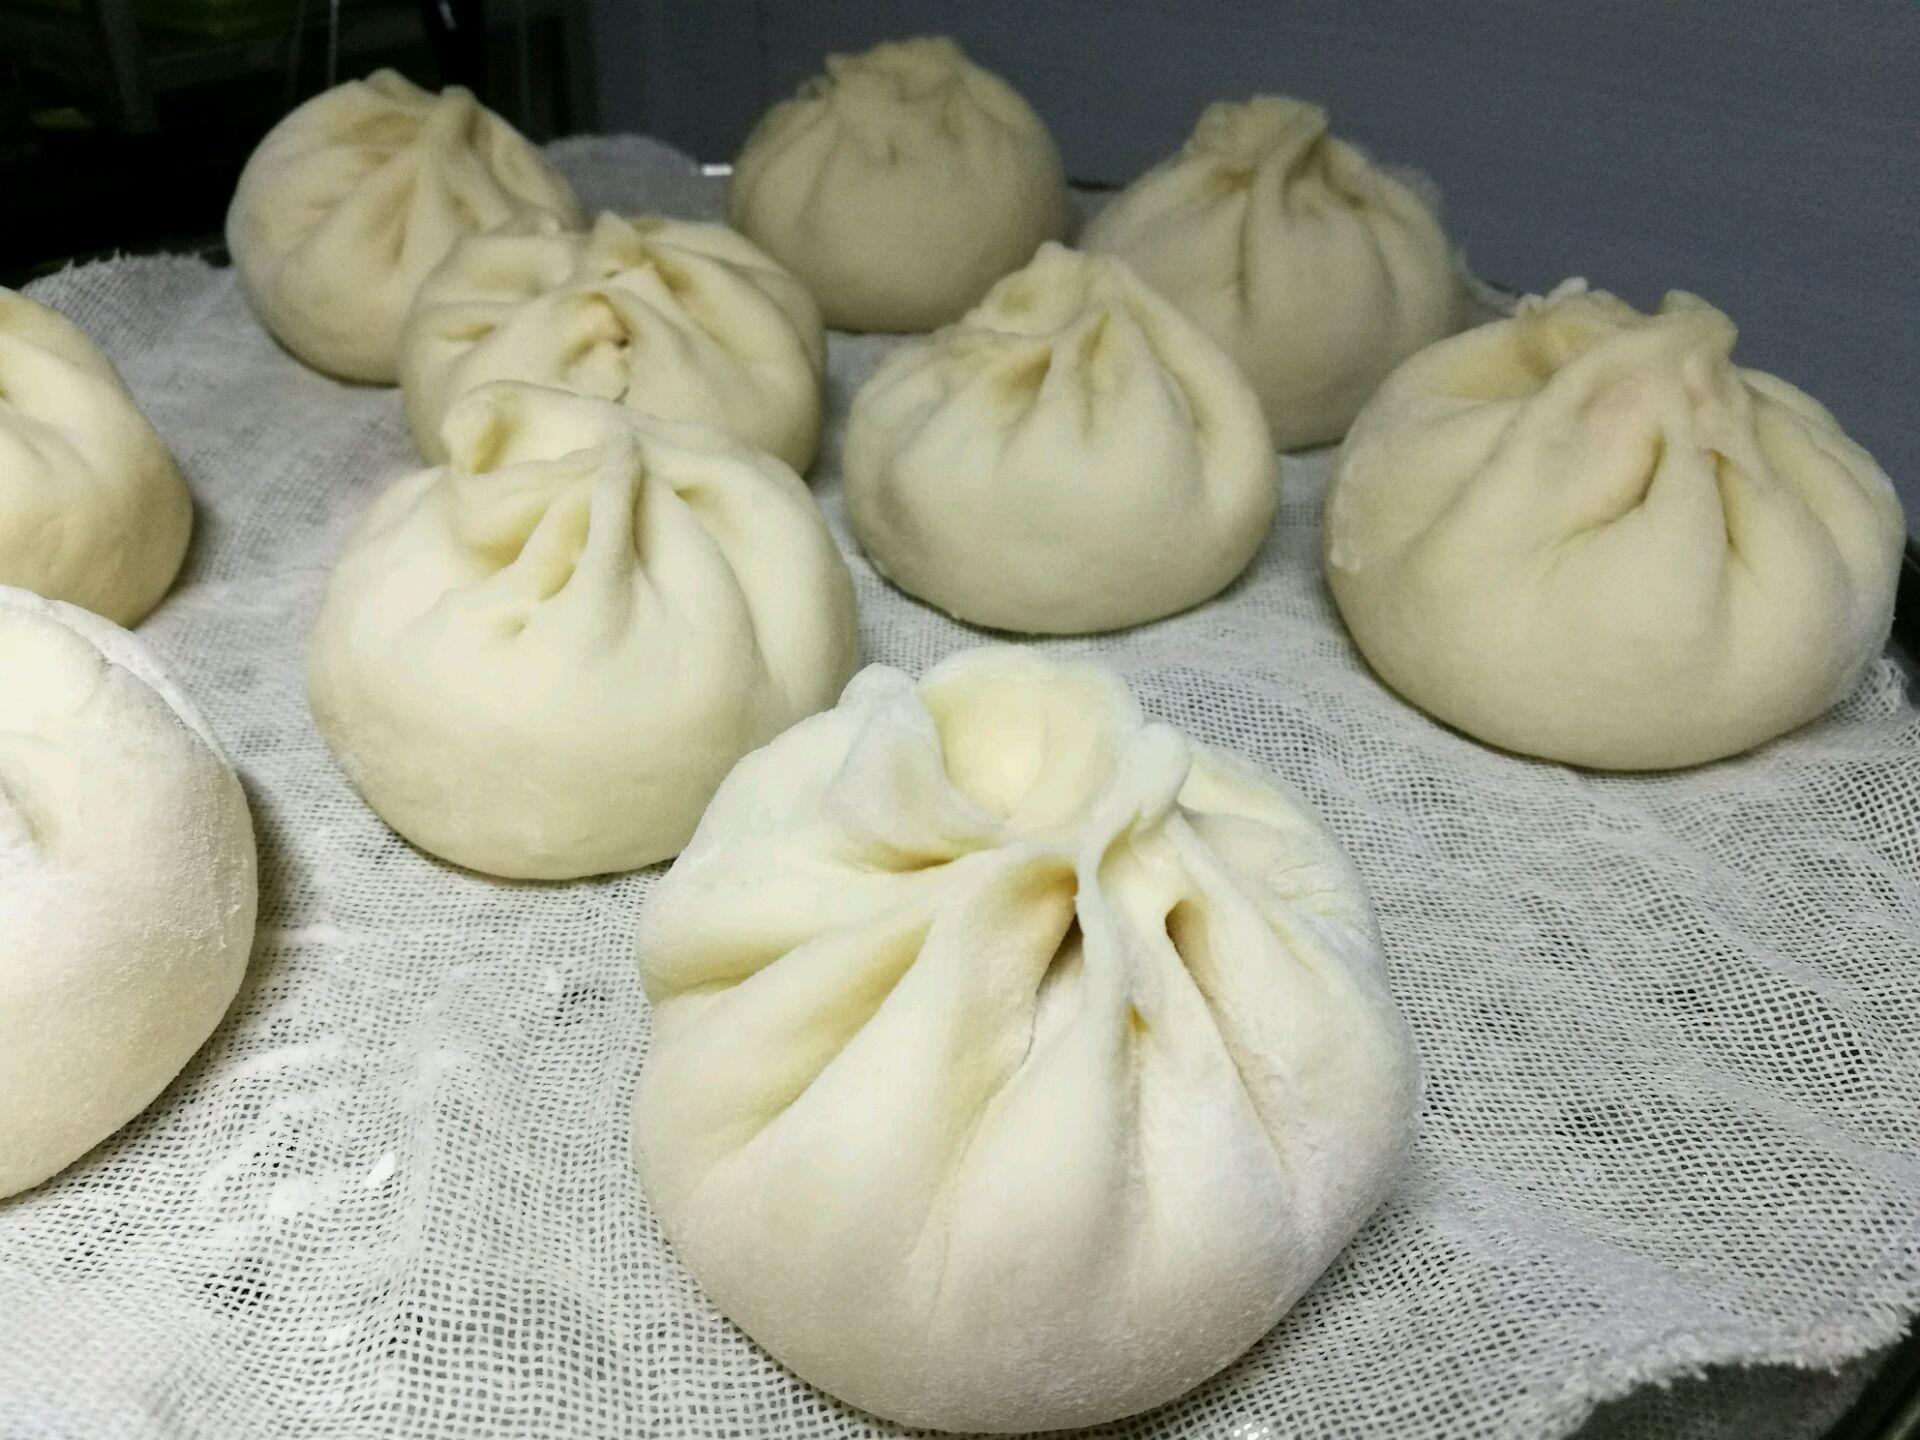 白菜素包子的做法_【圖解】白菜素包子怎么做如何做好吃_白菜素包子家常做法大全_啊哈~薛名凈_豆果美食